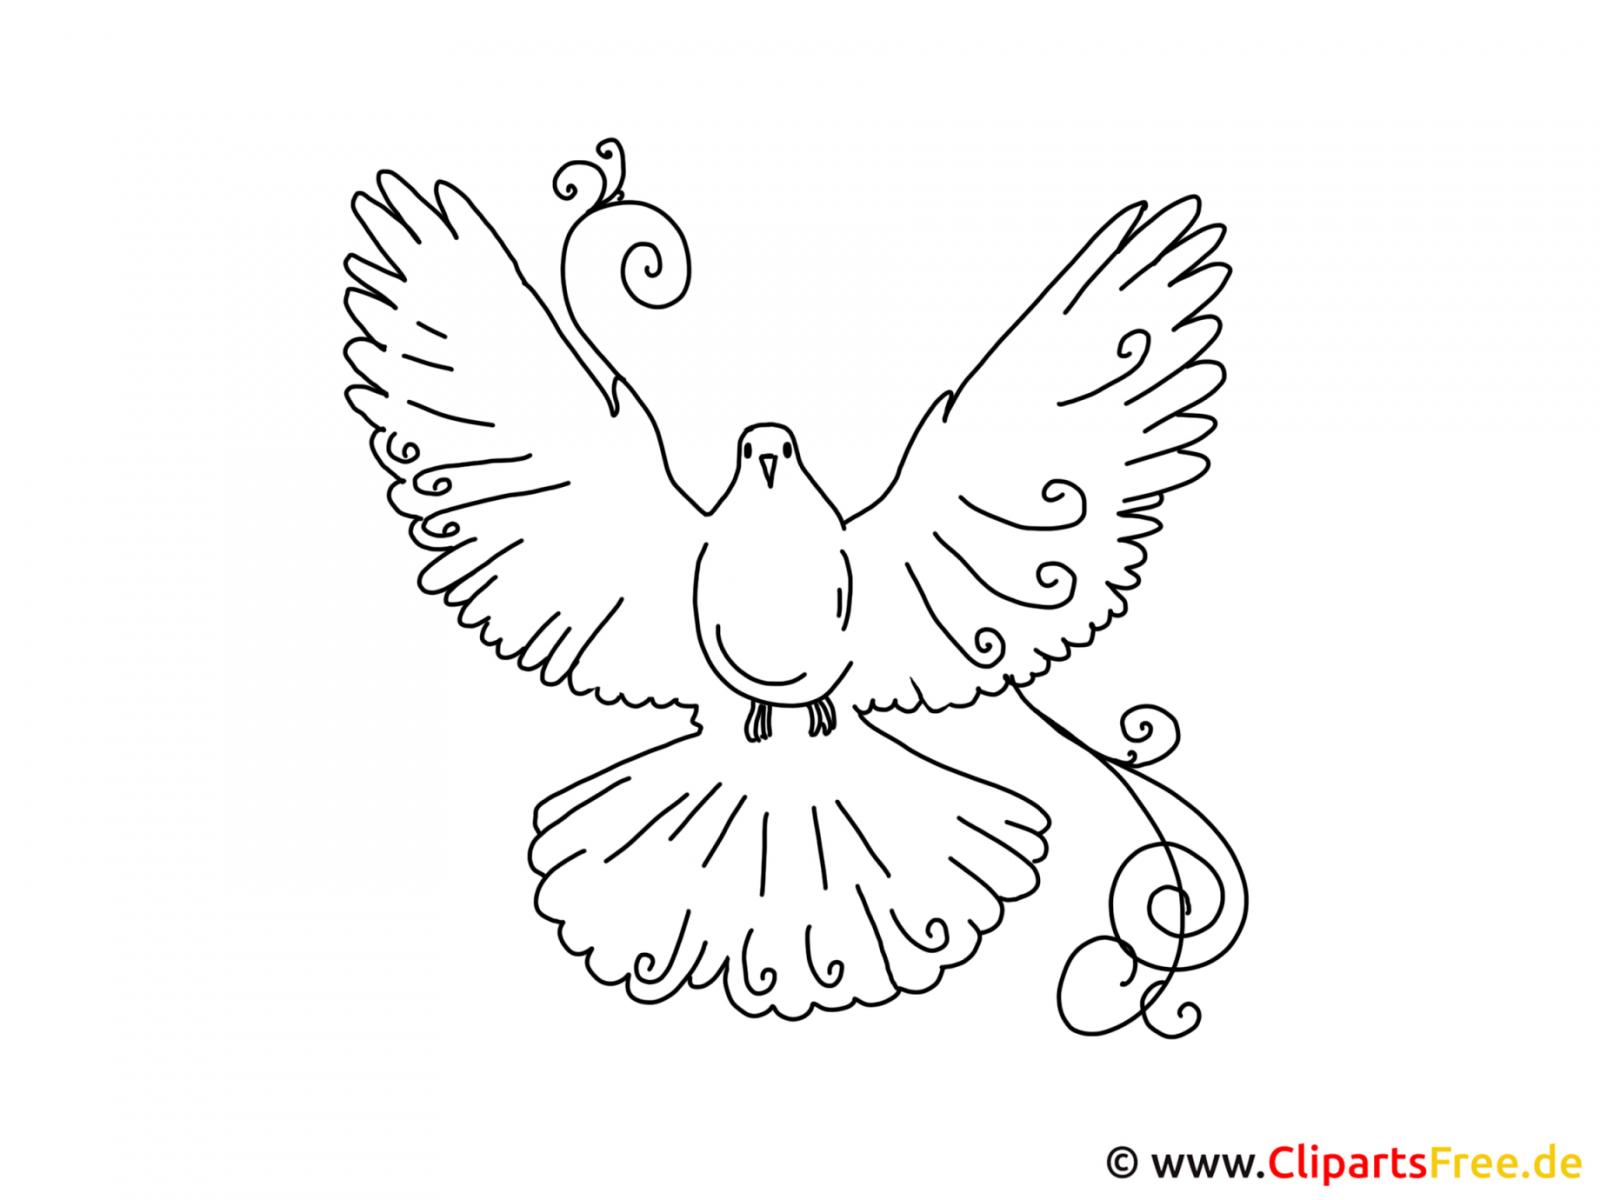 Bilder Selber Malen Vorlagen Vogel Taube von Bilder Selber Malen Vorlagen Photo